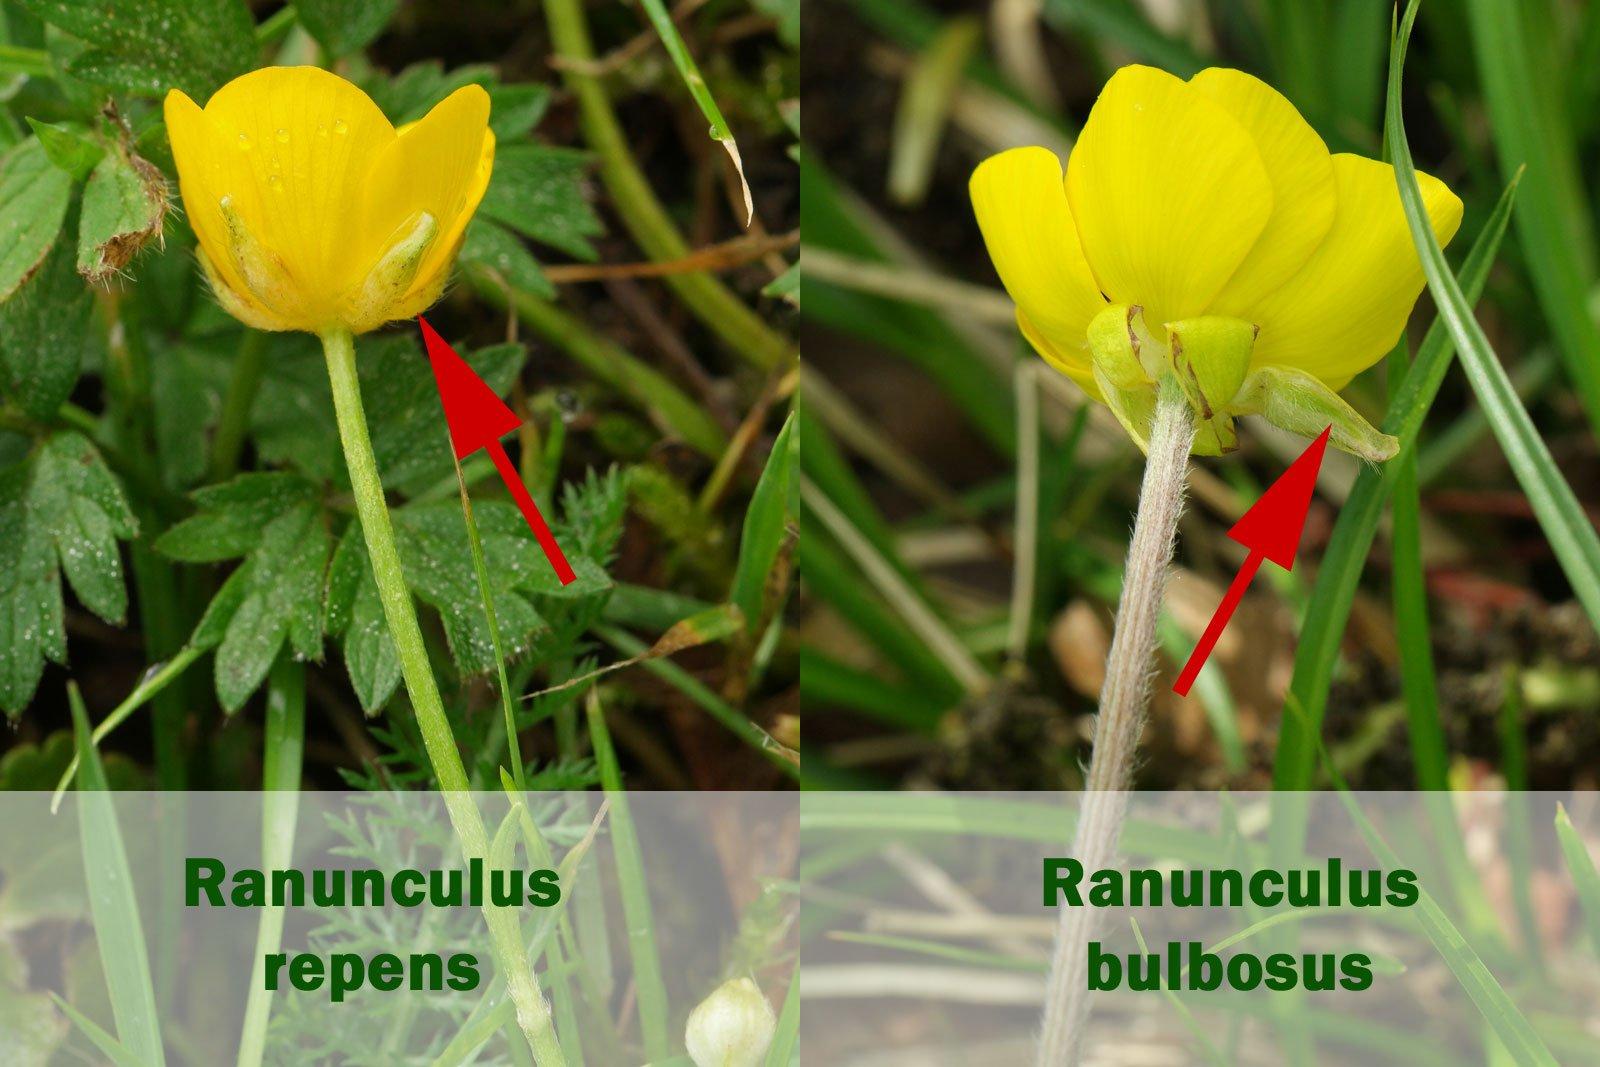 Ranunculus repens bulbosus